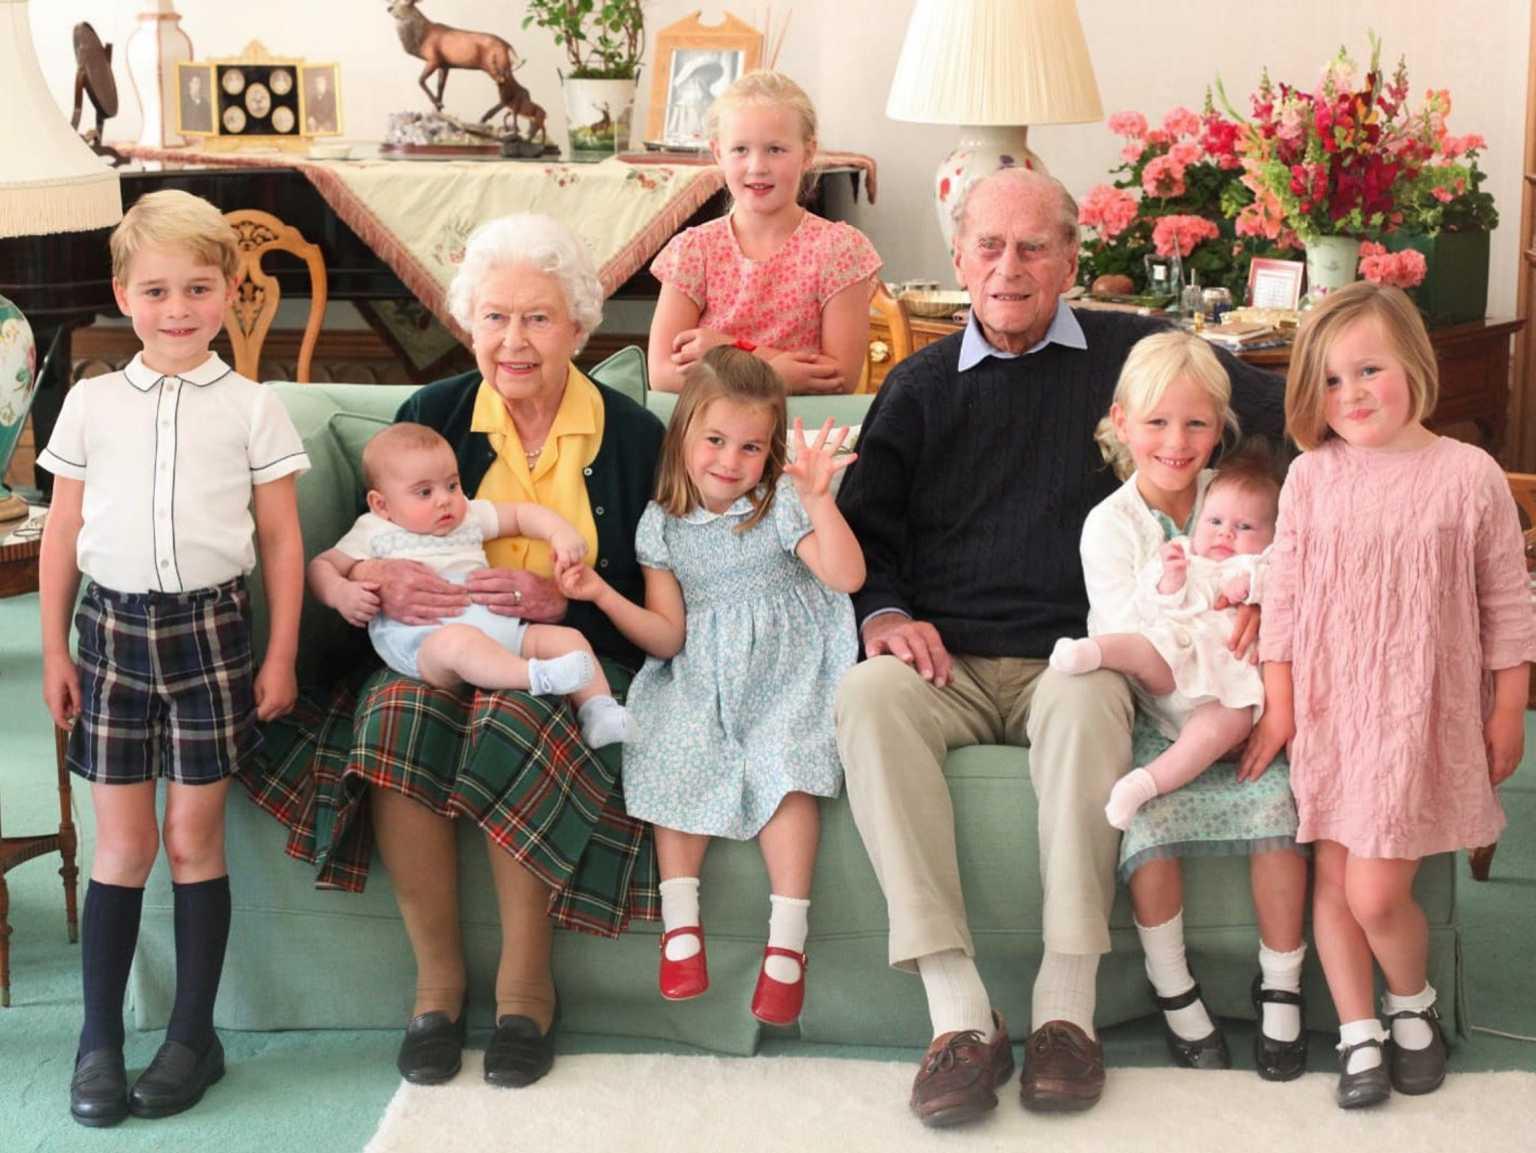 Πρίγκιπας Φίλιππος και βασίλισσα Ελισάβετ μαζί με 7 από τα δισέγγονά τους – Συγκινητική φωτογραφία